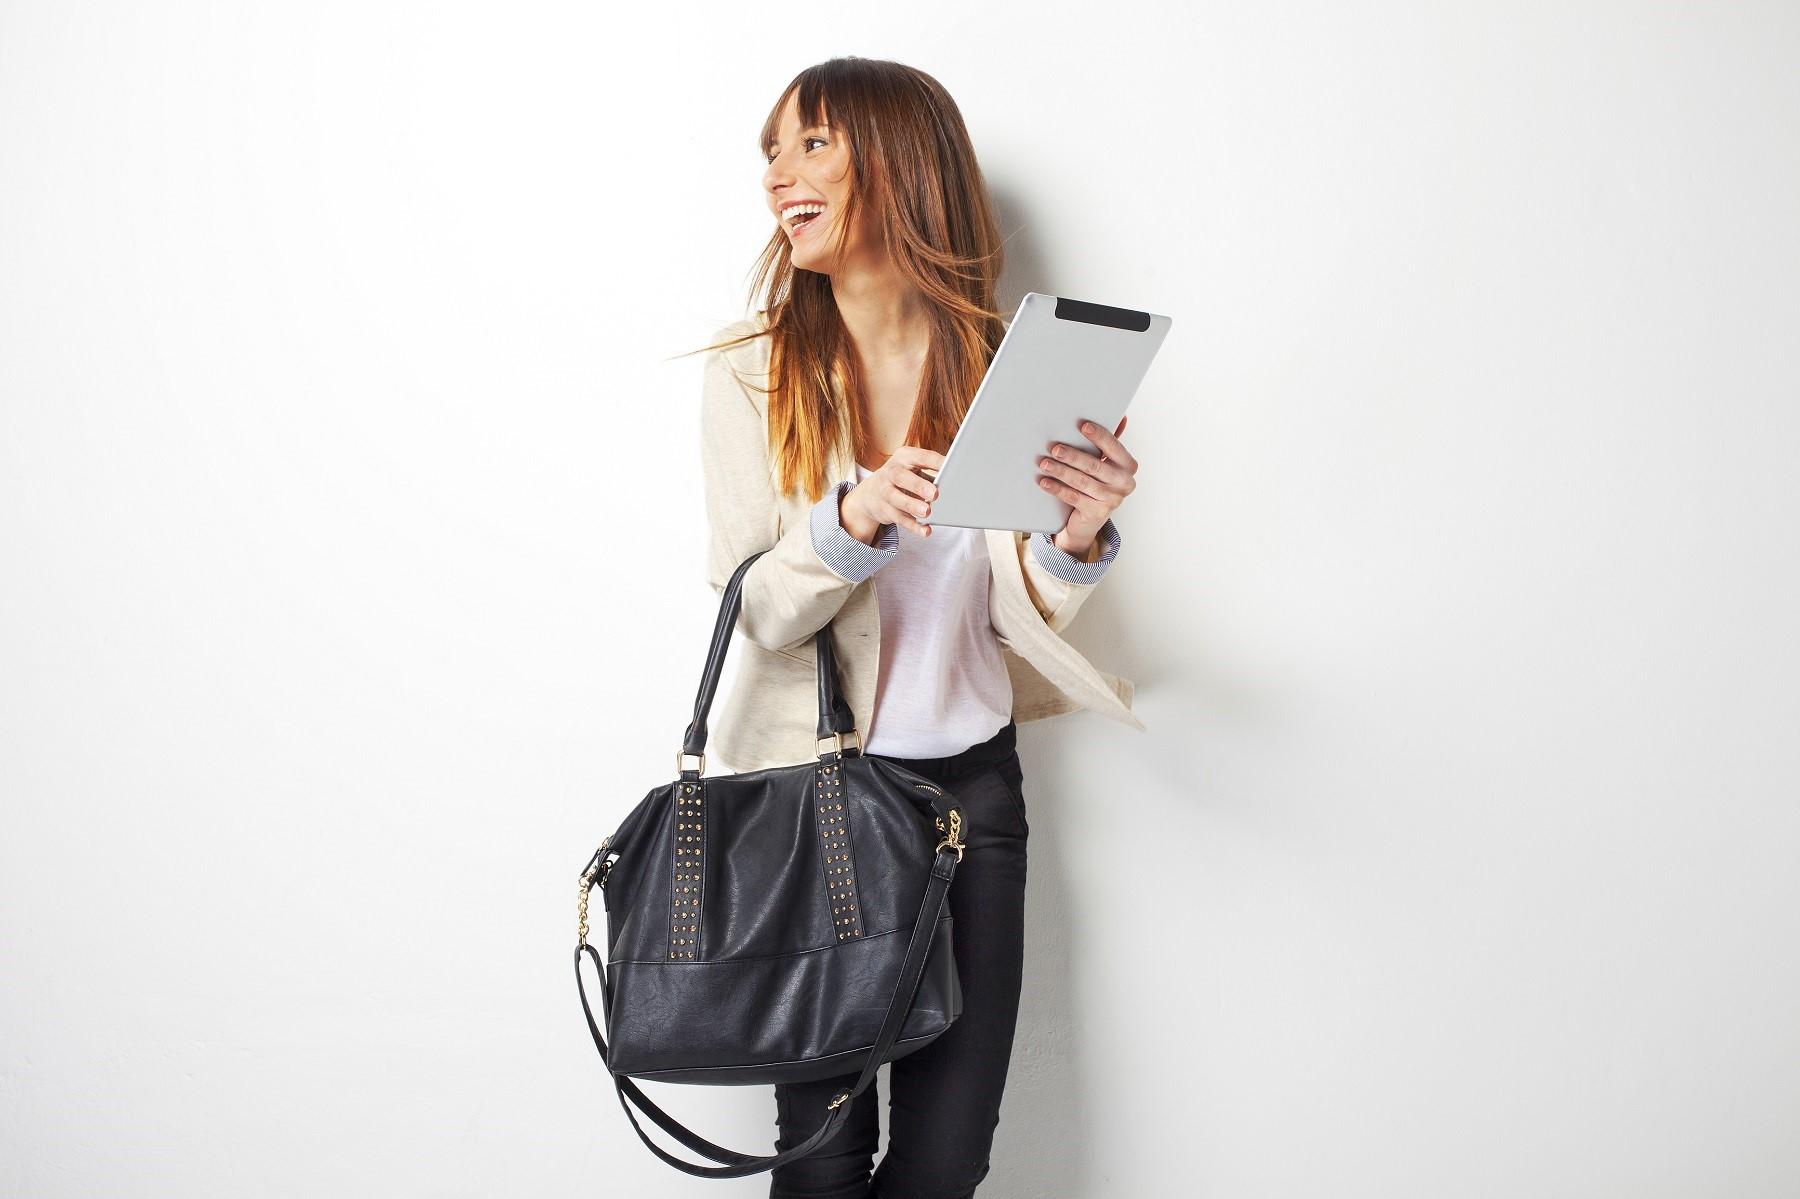 Le migliori borse fashion femminili più capienti ed eleganti per trasportare Kindle, tablet e smartphone